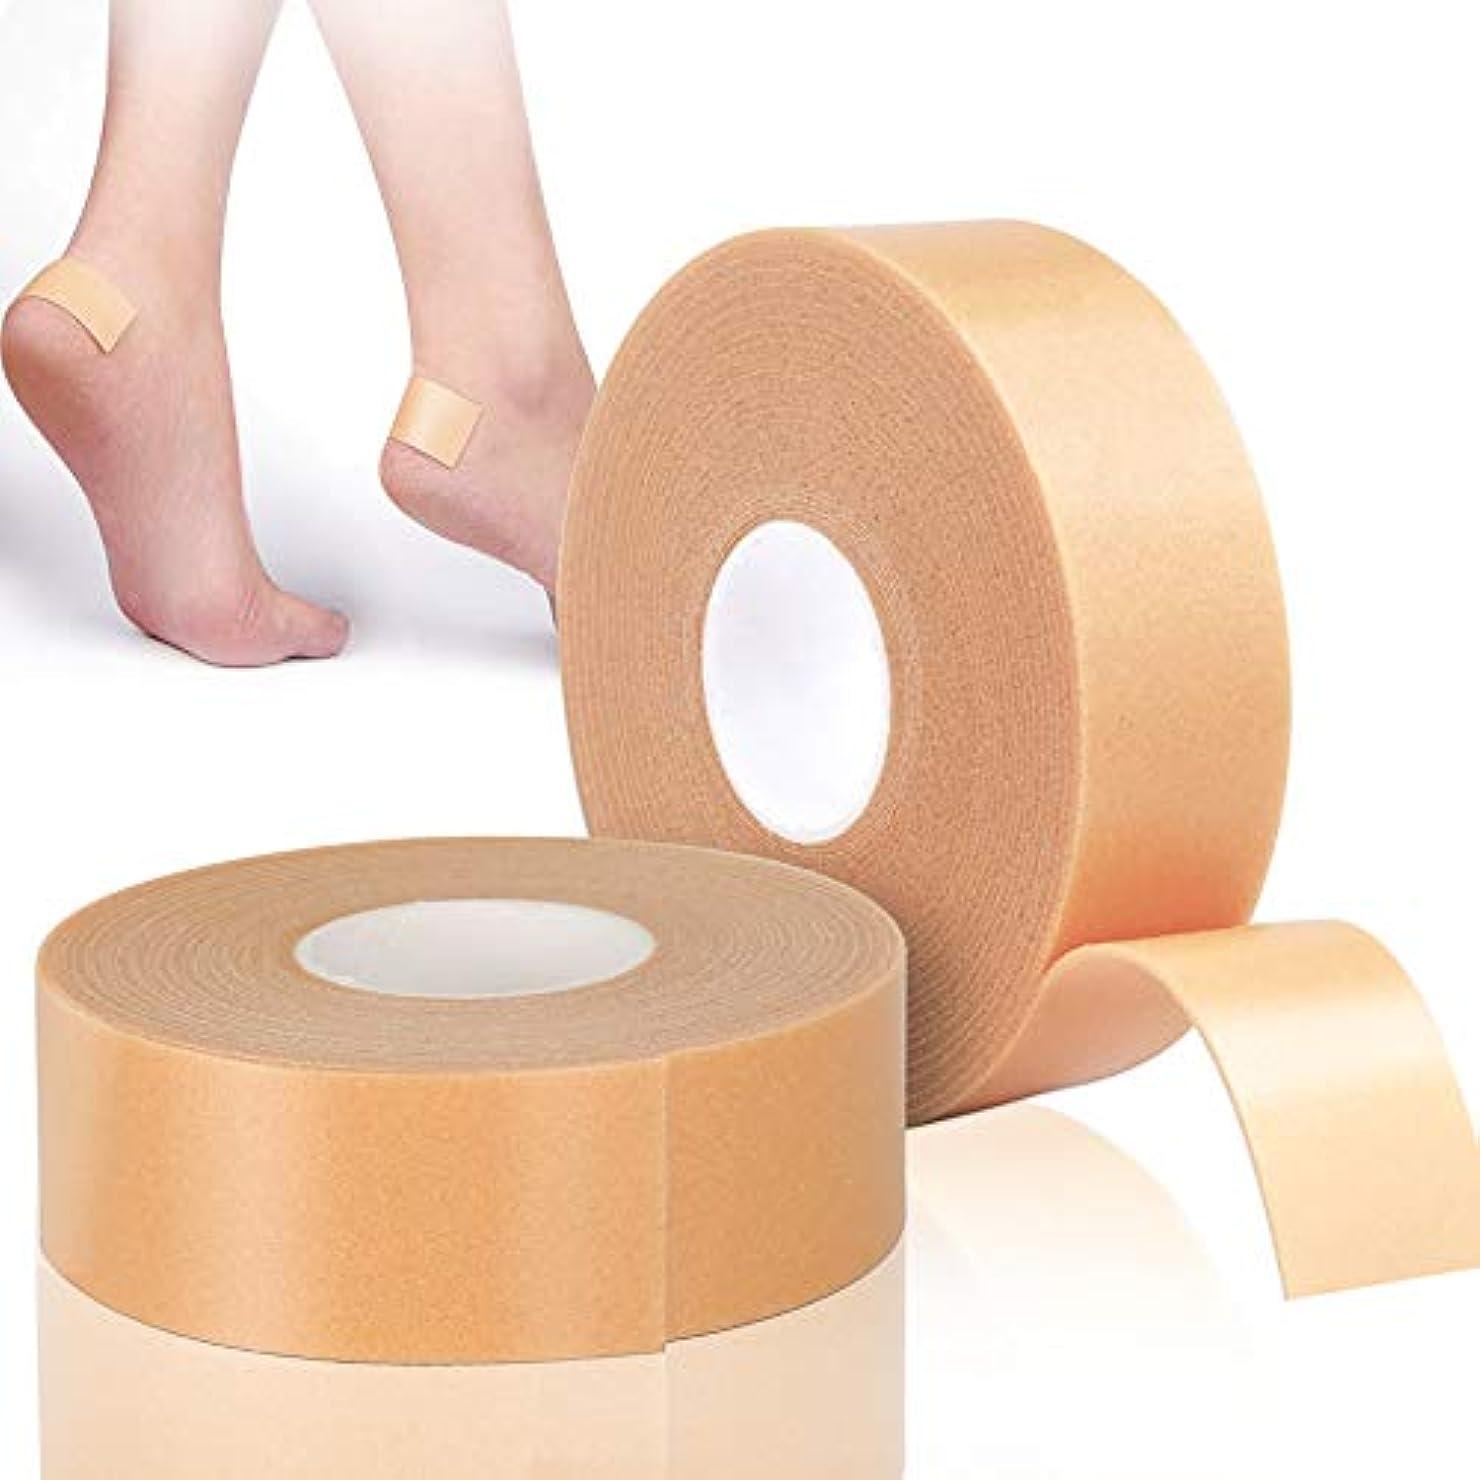 方法論不信ラベルLEOBRO 靴ずれ保護テープ 靴擦れ防止 かかと保護 衝撃吸収保護パッド 【2巻入り】 2.5cm*5m 肌色 防水素材 強粘着 足首保護パッド 耐摩耗 かかと痛み緩和